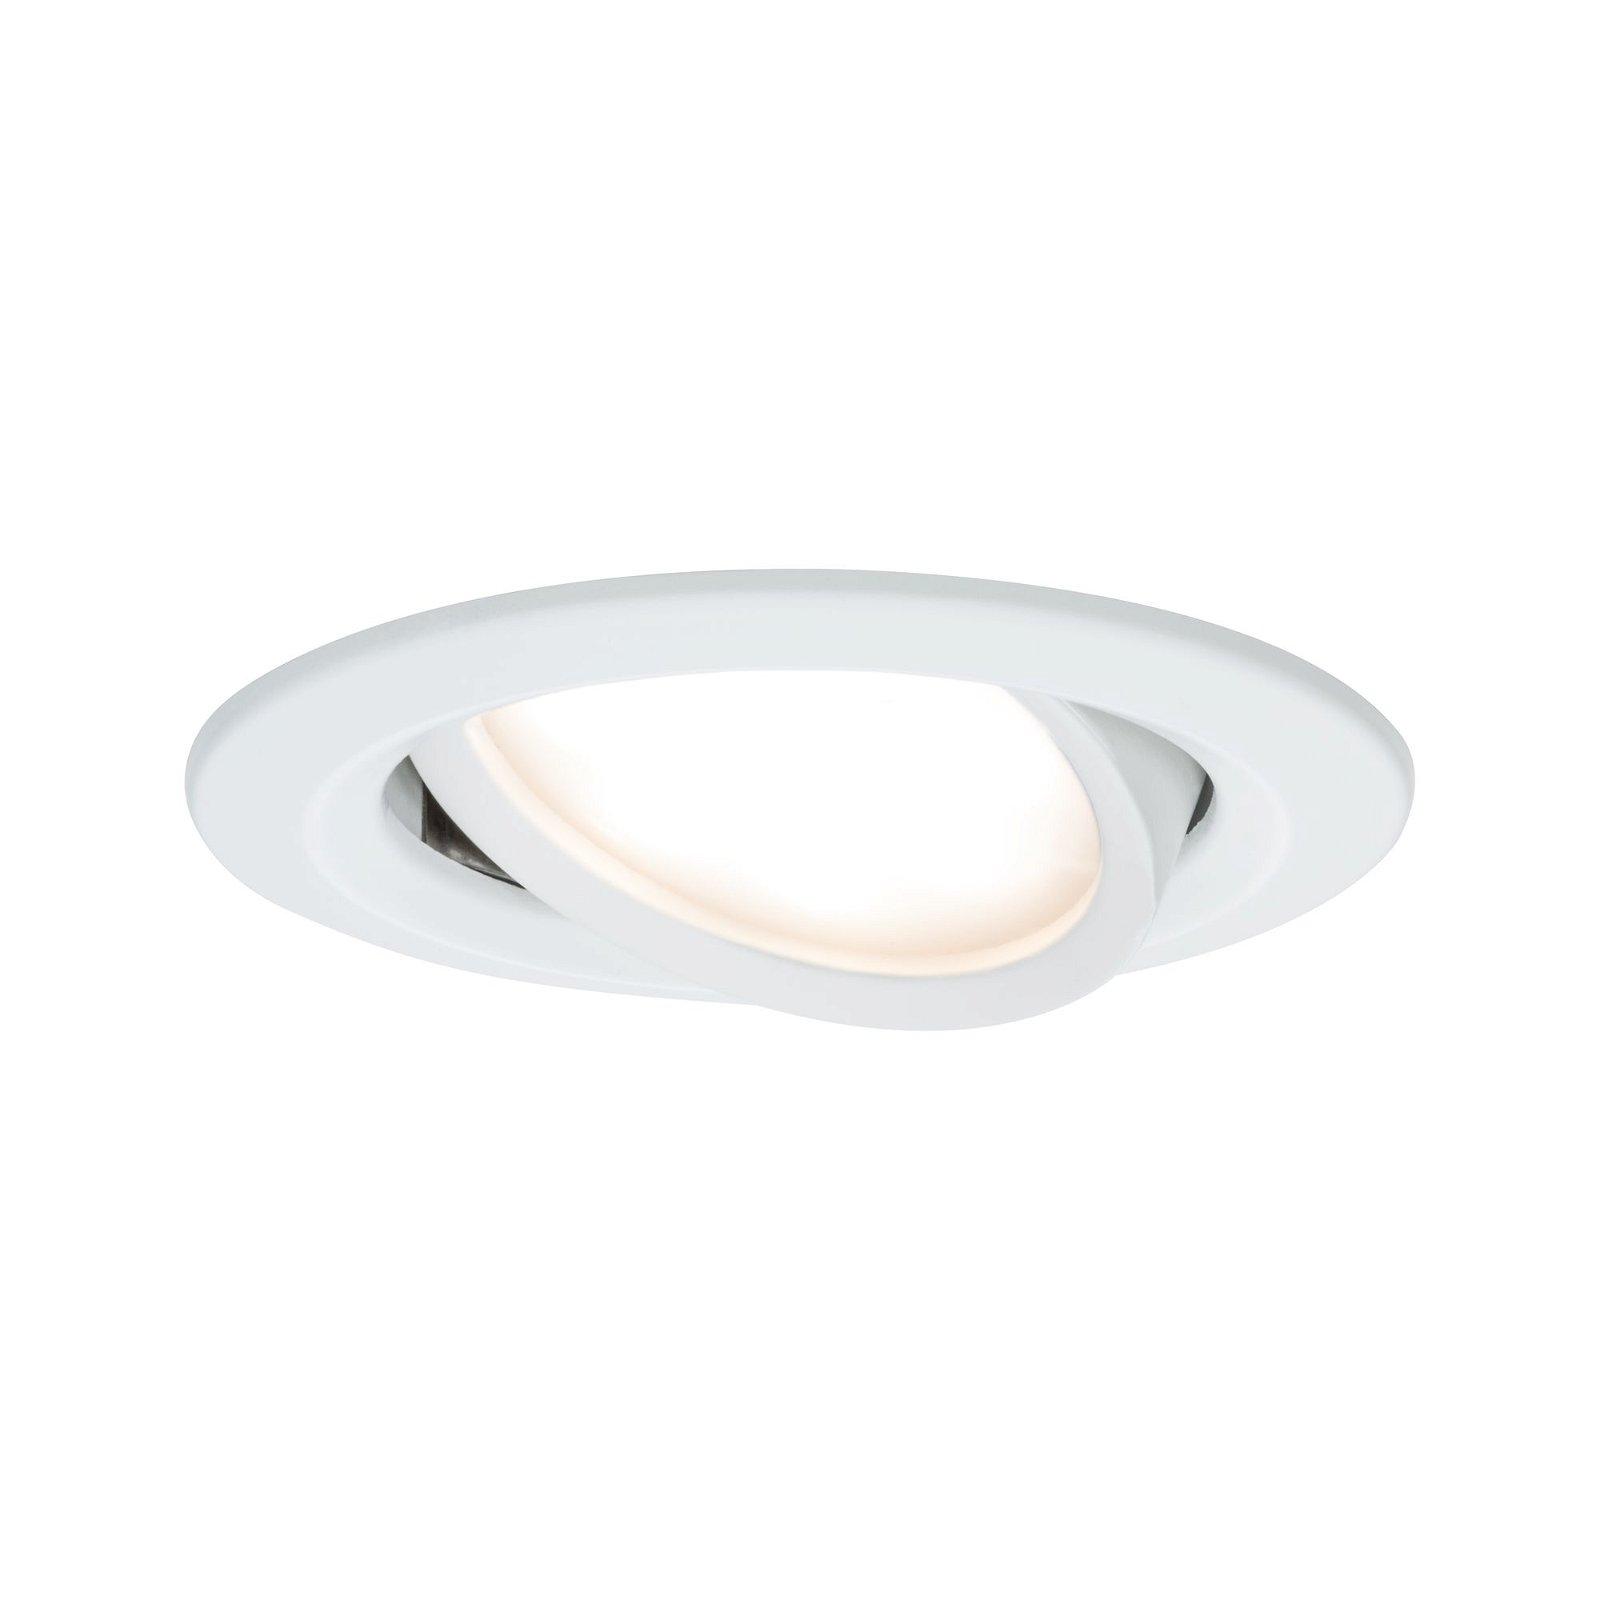 Einbauleuchte LED Coin Slim IP23 rund 6,8W Weiß 1er-Set schwenkbar